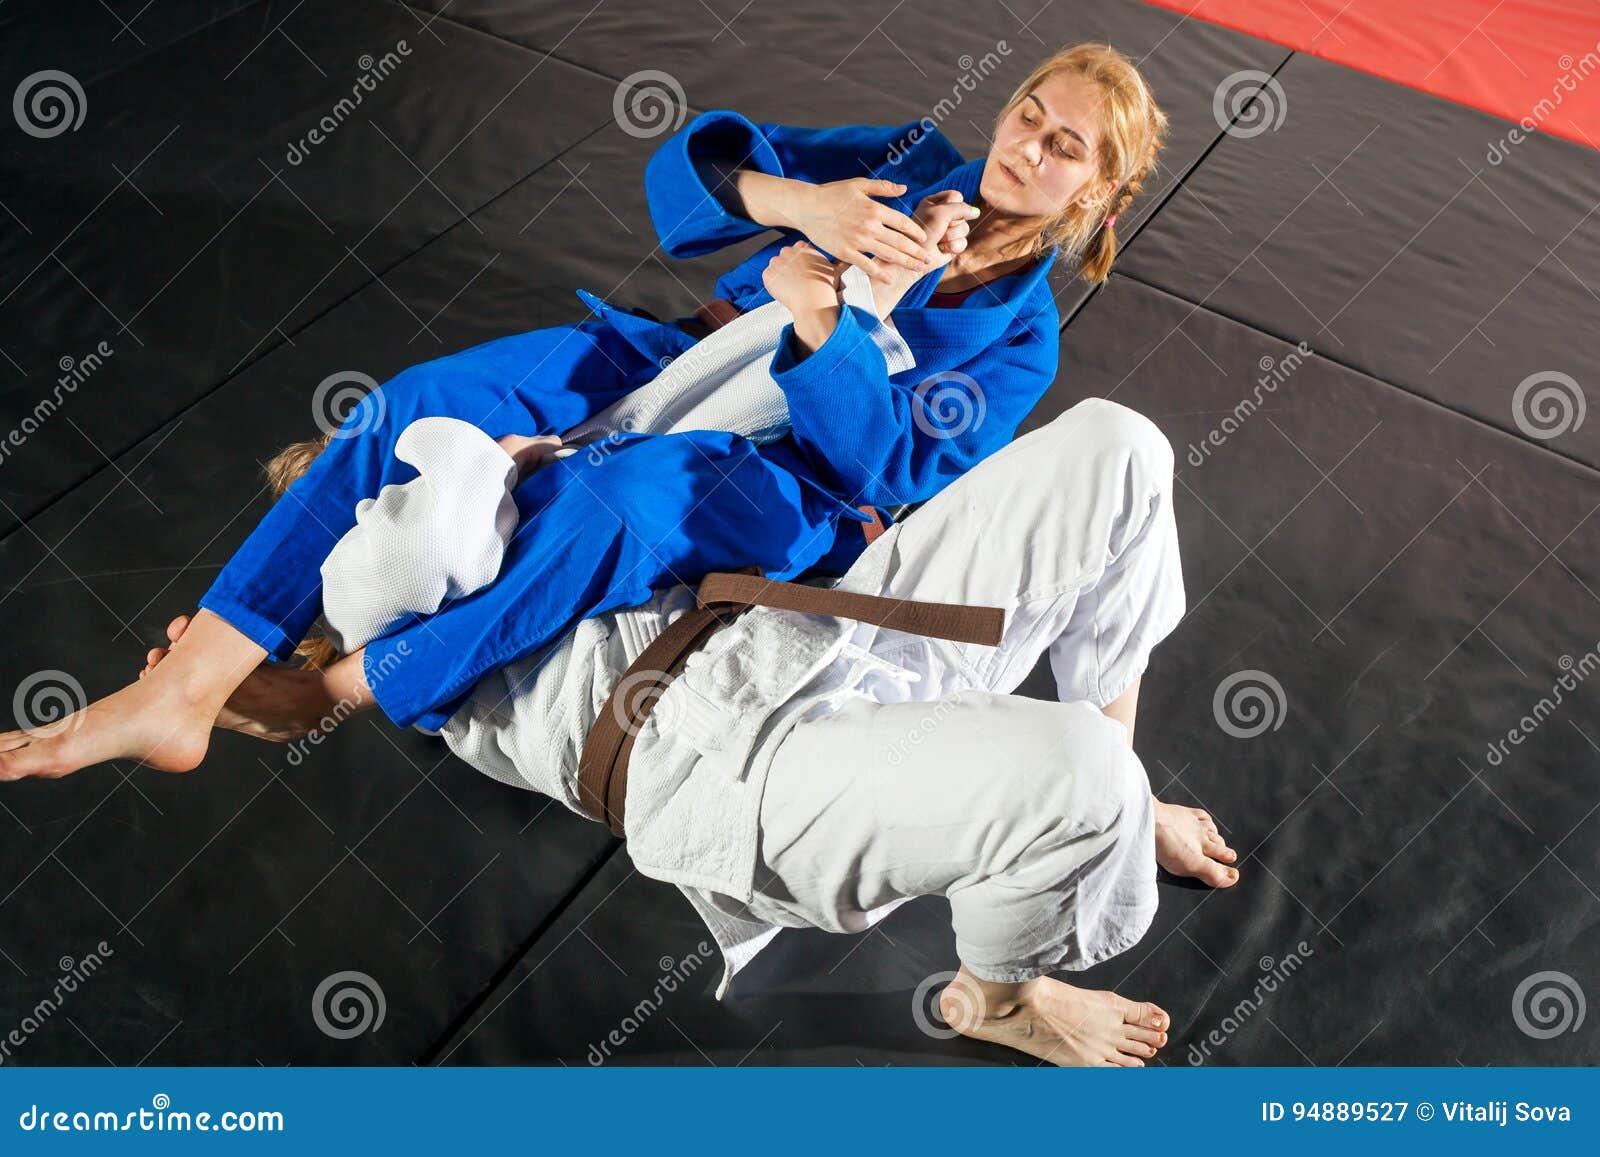 Twee vrouwen vechten op tatami